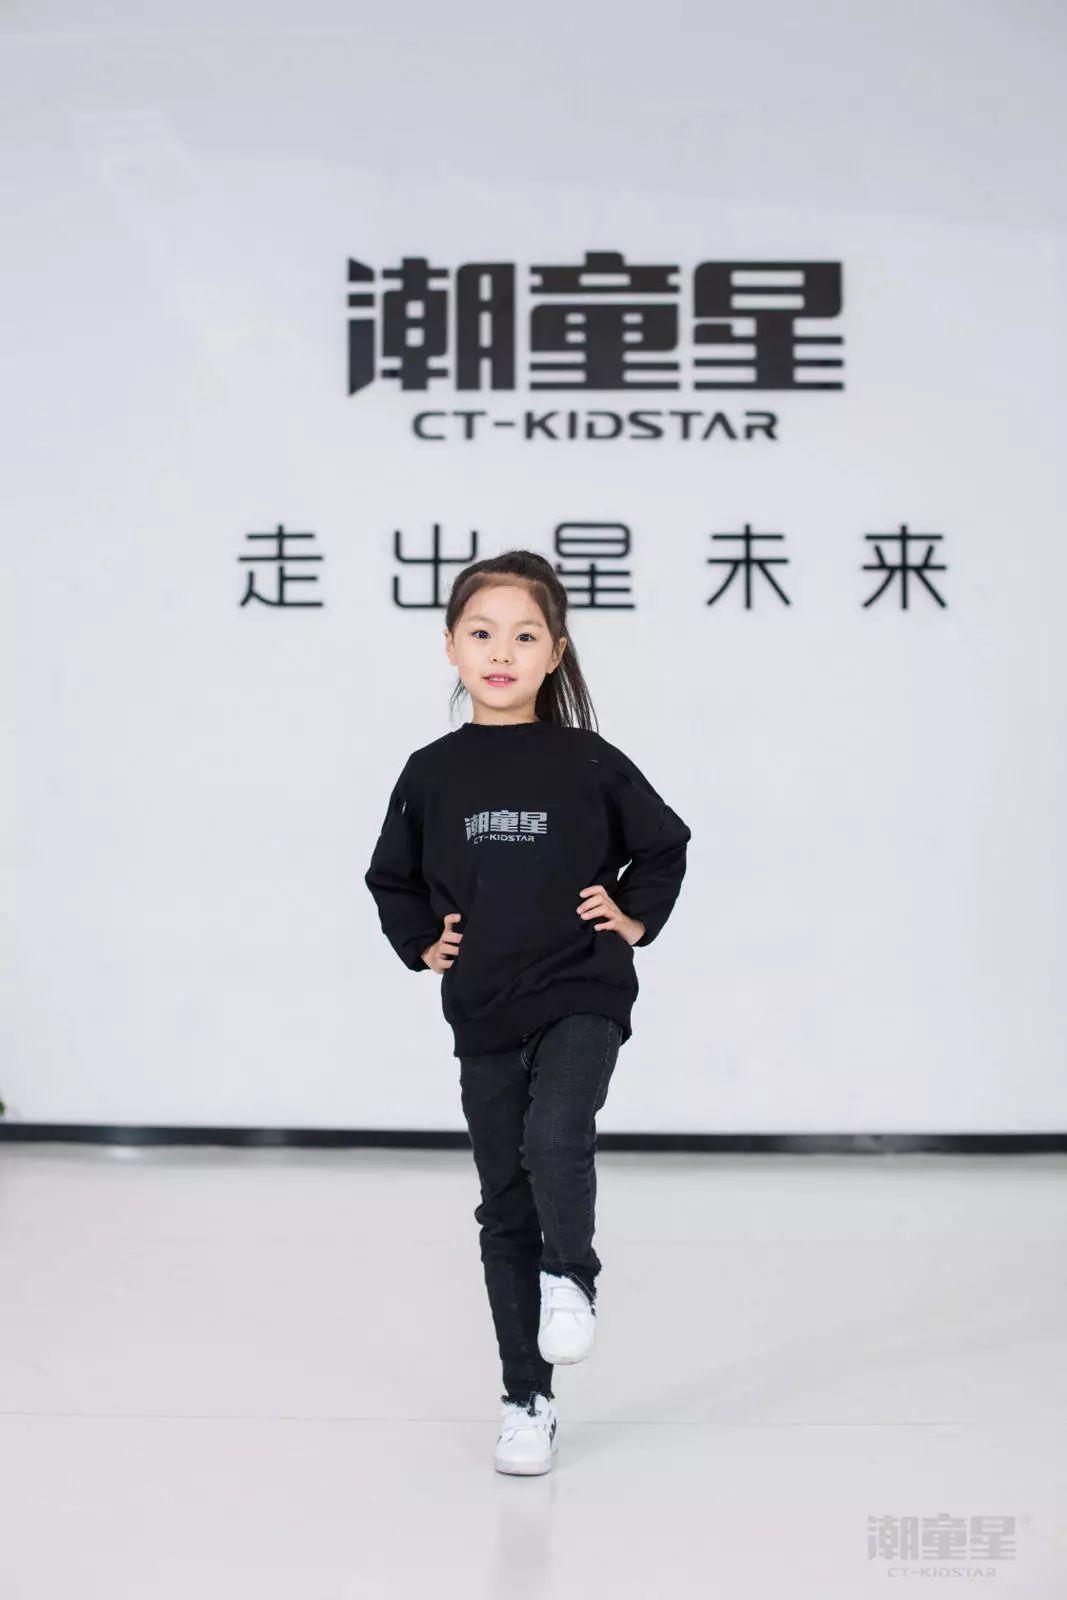 儿童模特t台走姿标准版全示范